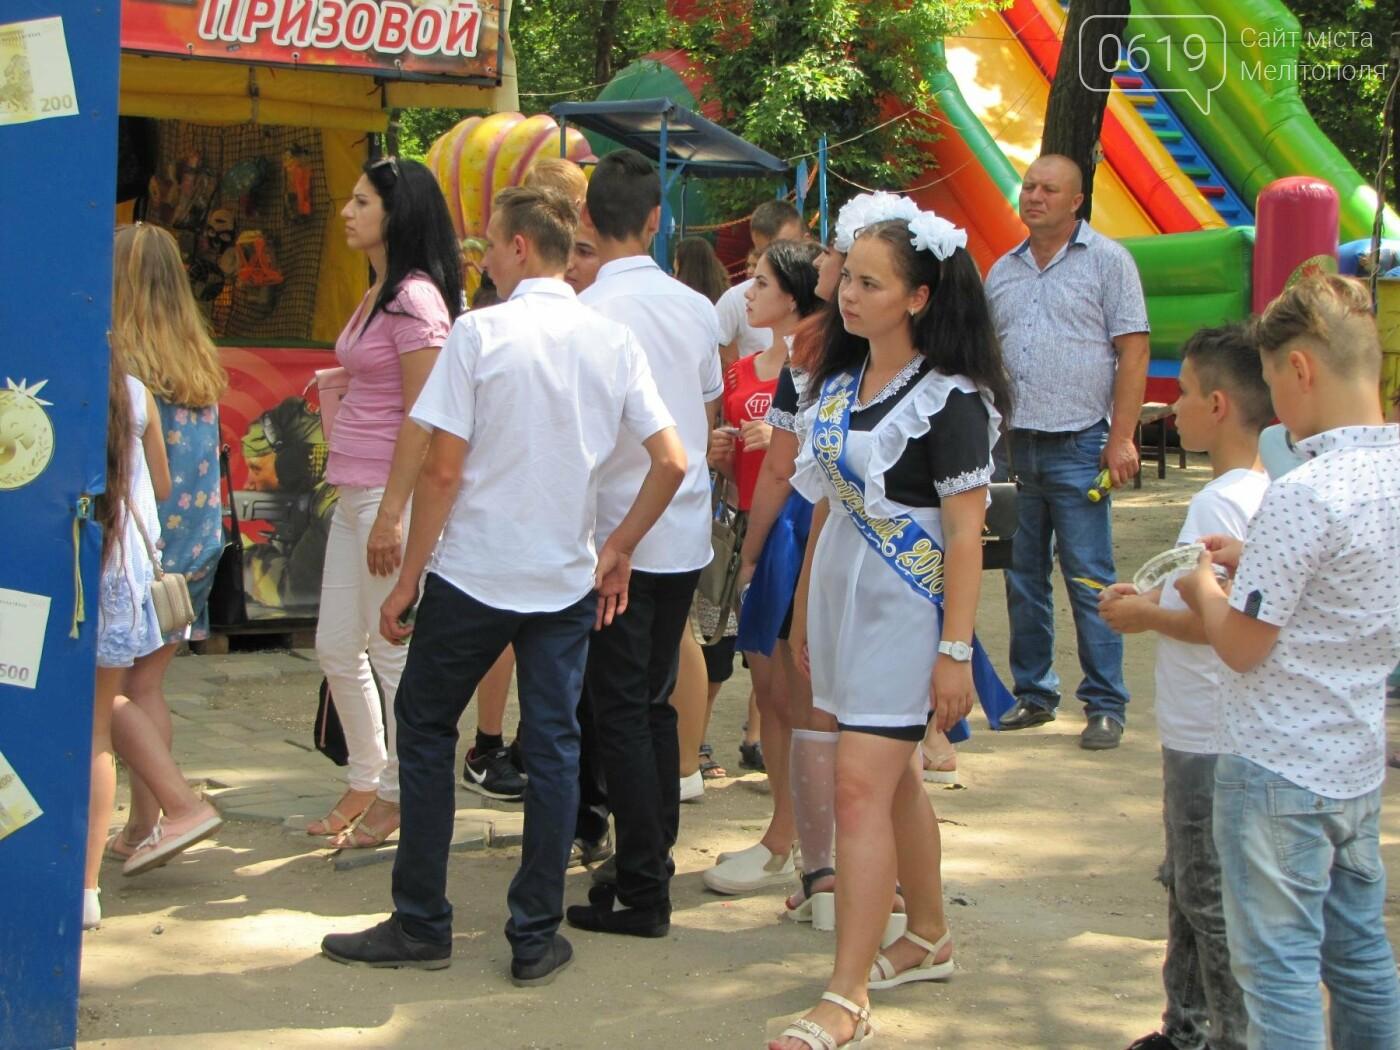 Мелитопольские выпускники не придерживаются единого стиля в нарядах, фото-2